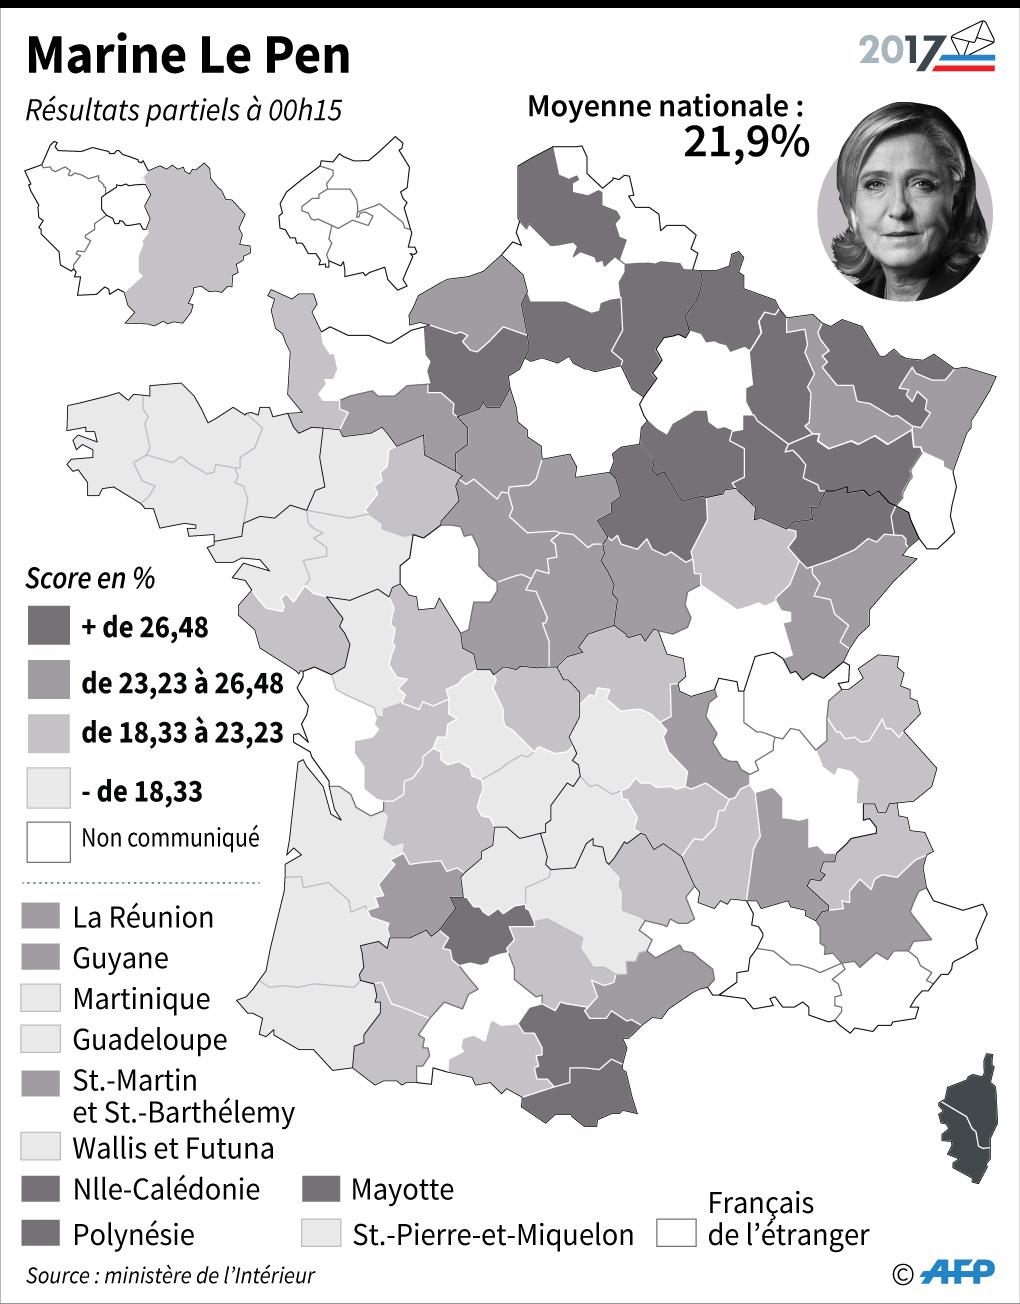 Чешские политики считают, что Э. Макрон лучше М. ЛеПен